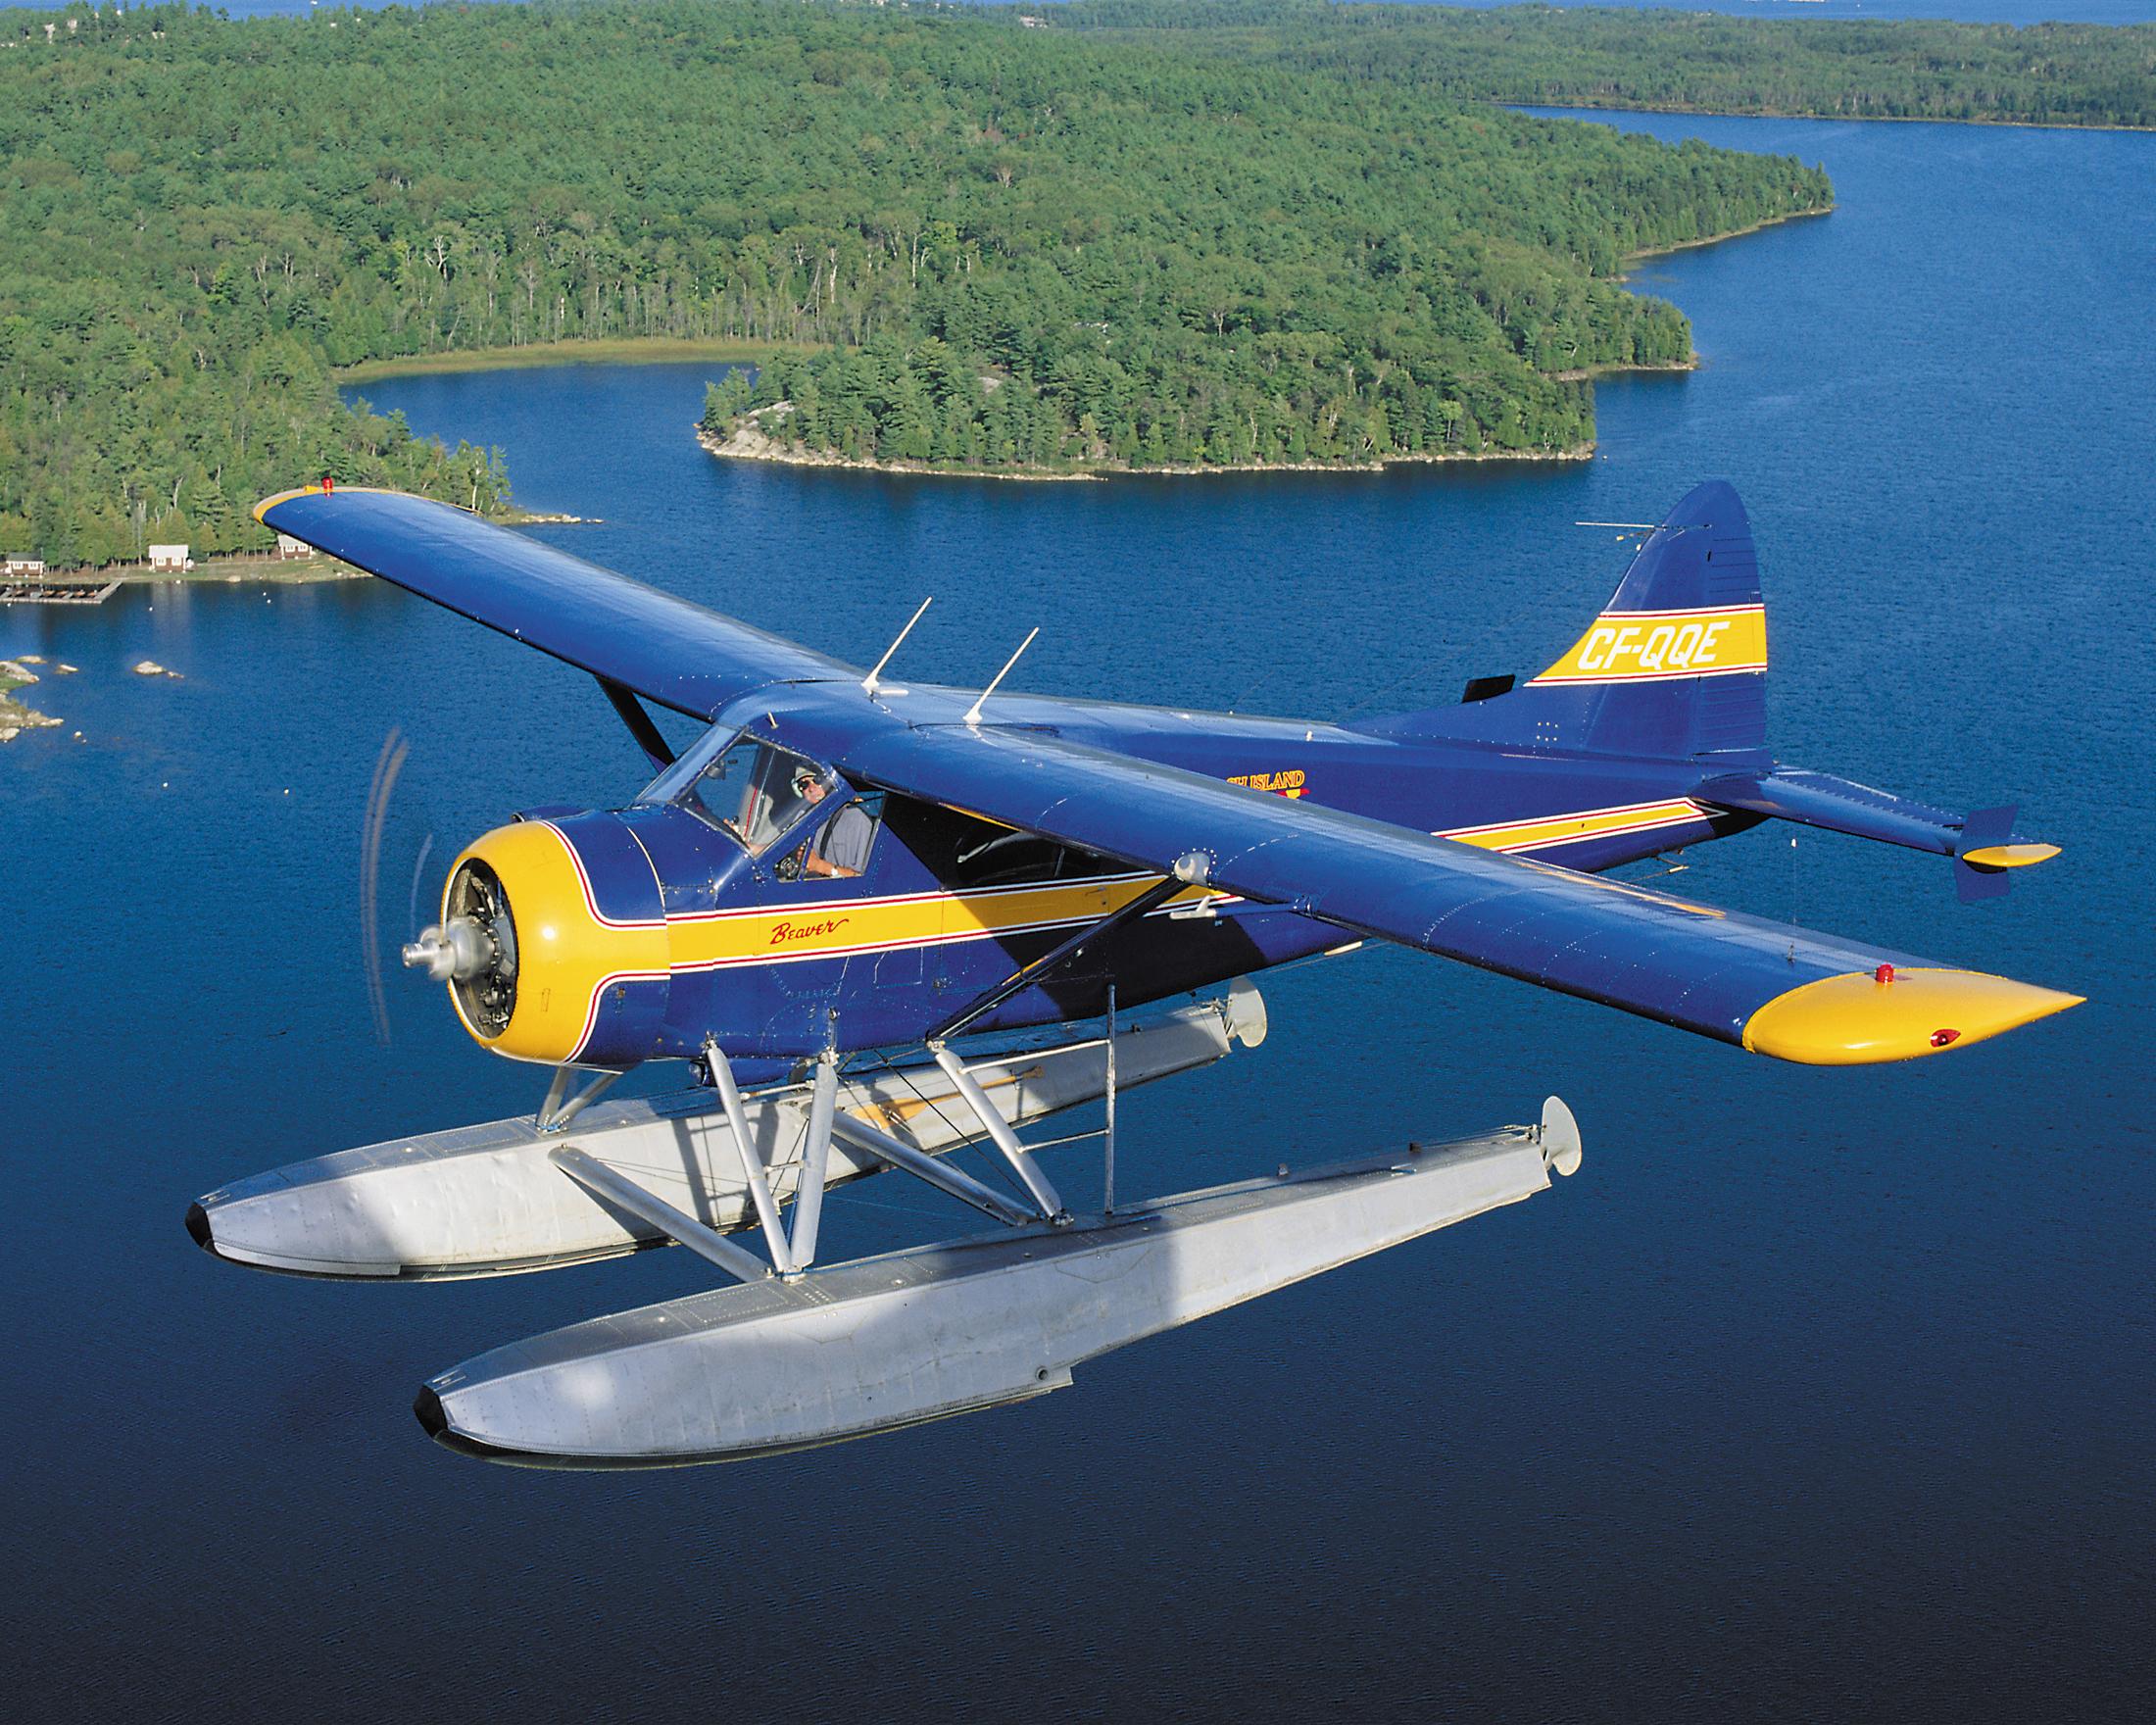 Dhc 2 Beaver Viking Air Ltd